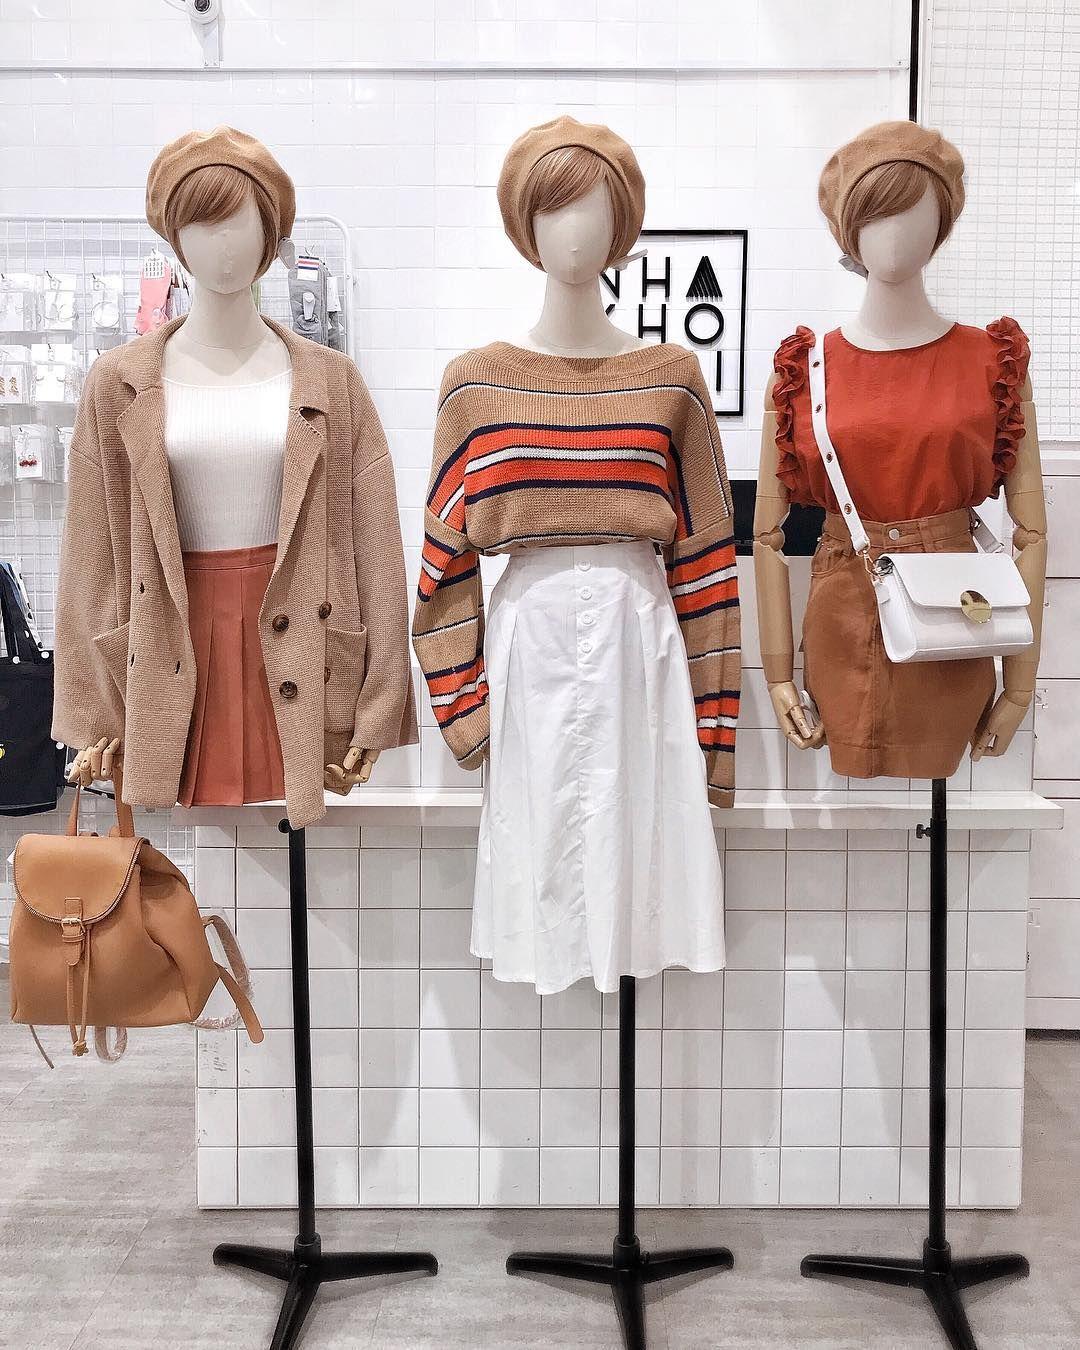 Pin by jennifer on fashion  Korean street fashion, Korean fashion